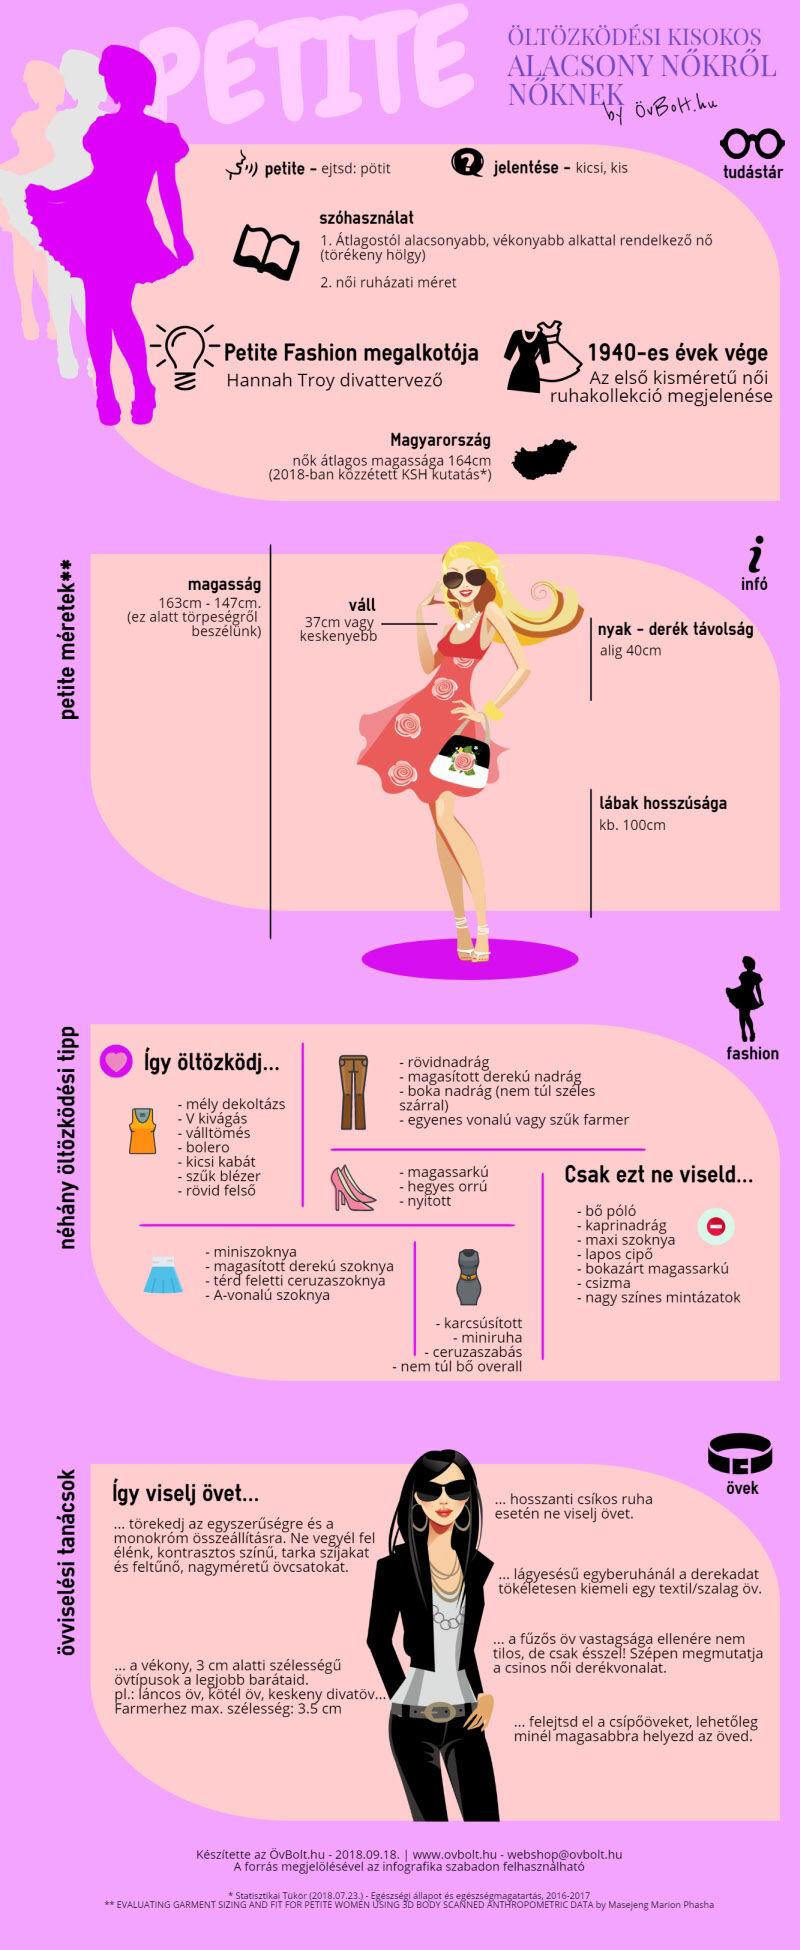 öltözködési tippek alacsony nőknek - infografika